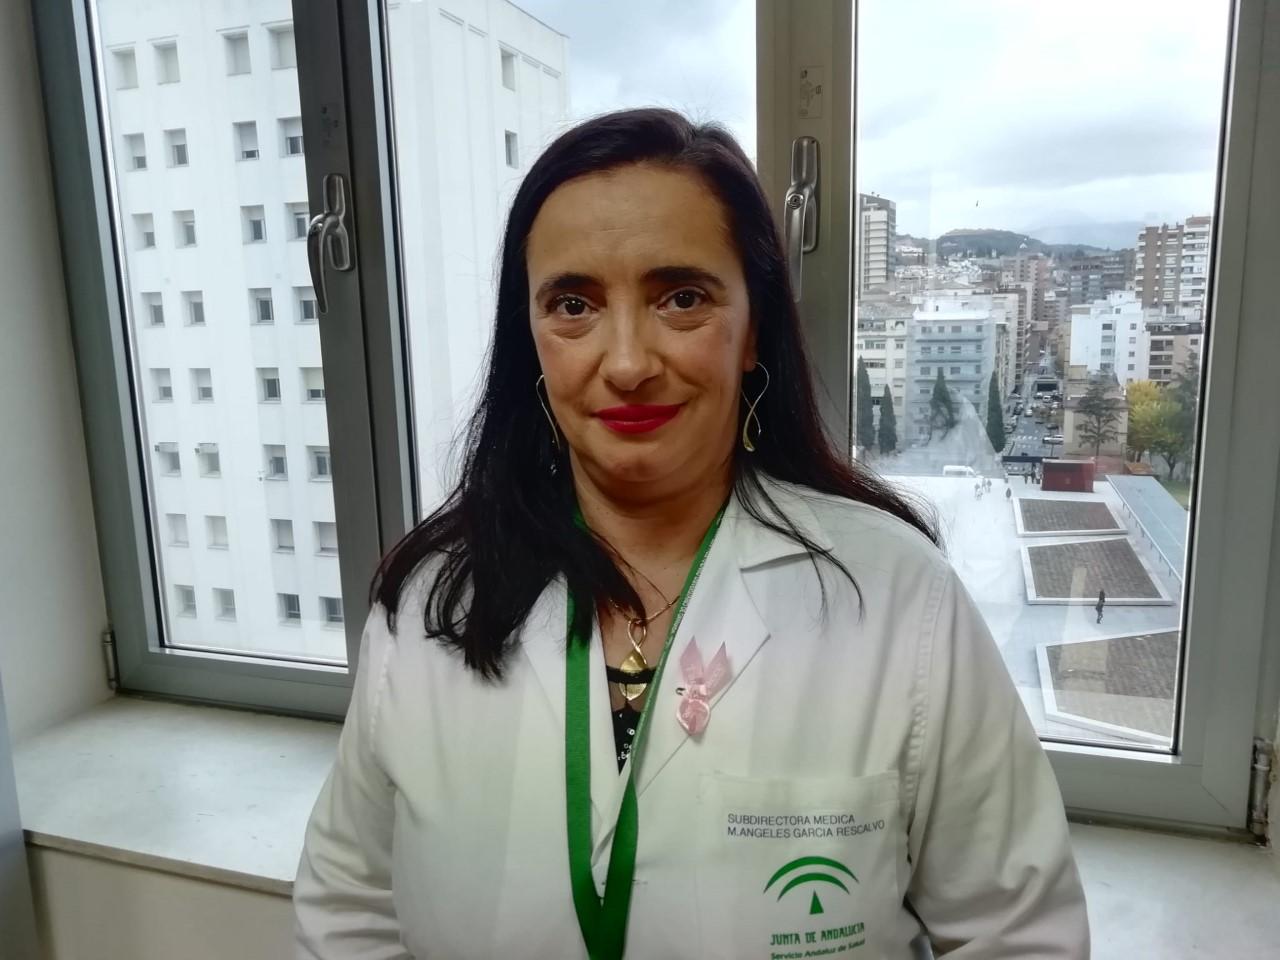 Salud nombre a María de los Ángeles García nueva gerente del Hospital Virgen de las Nieves